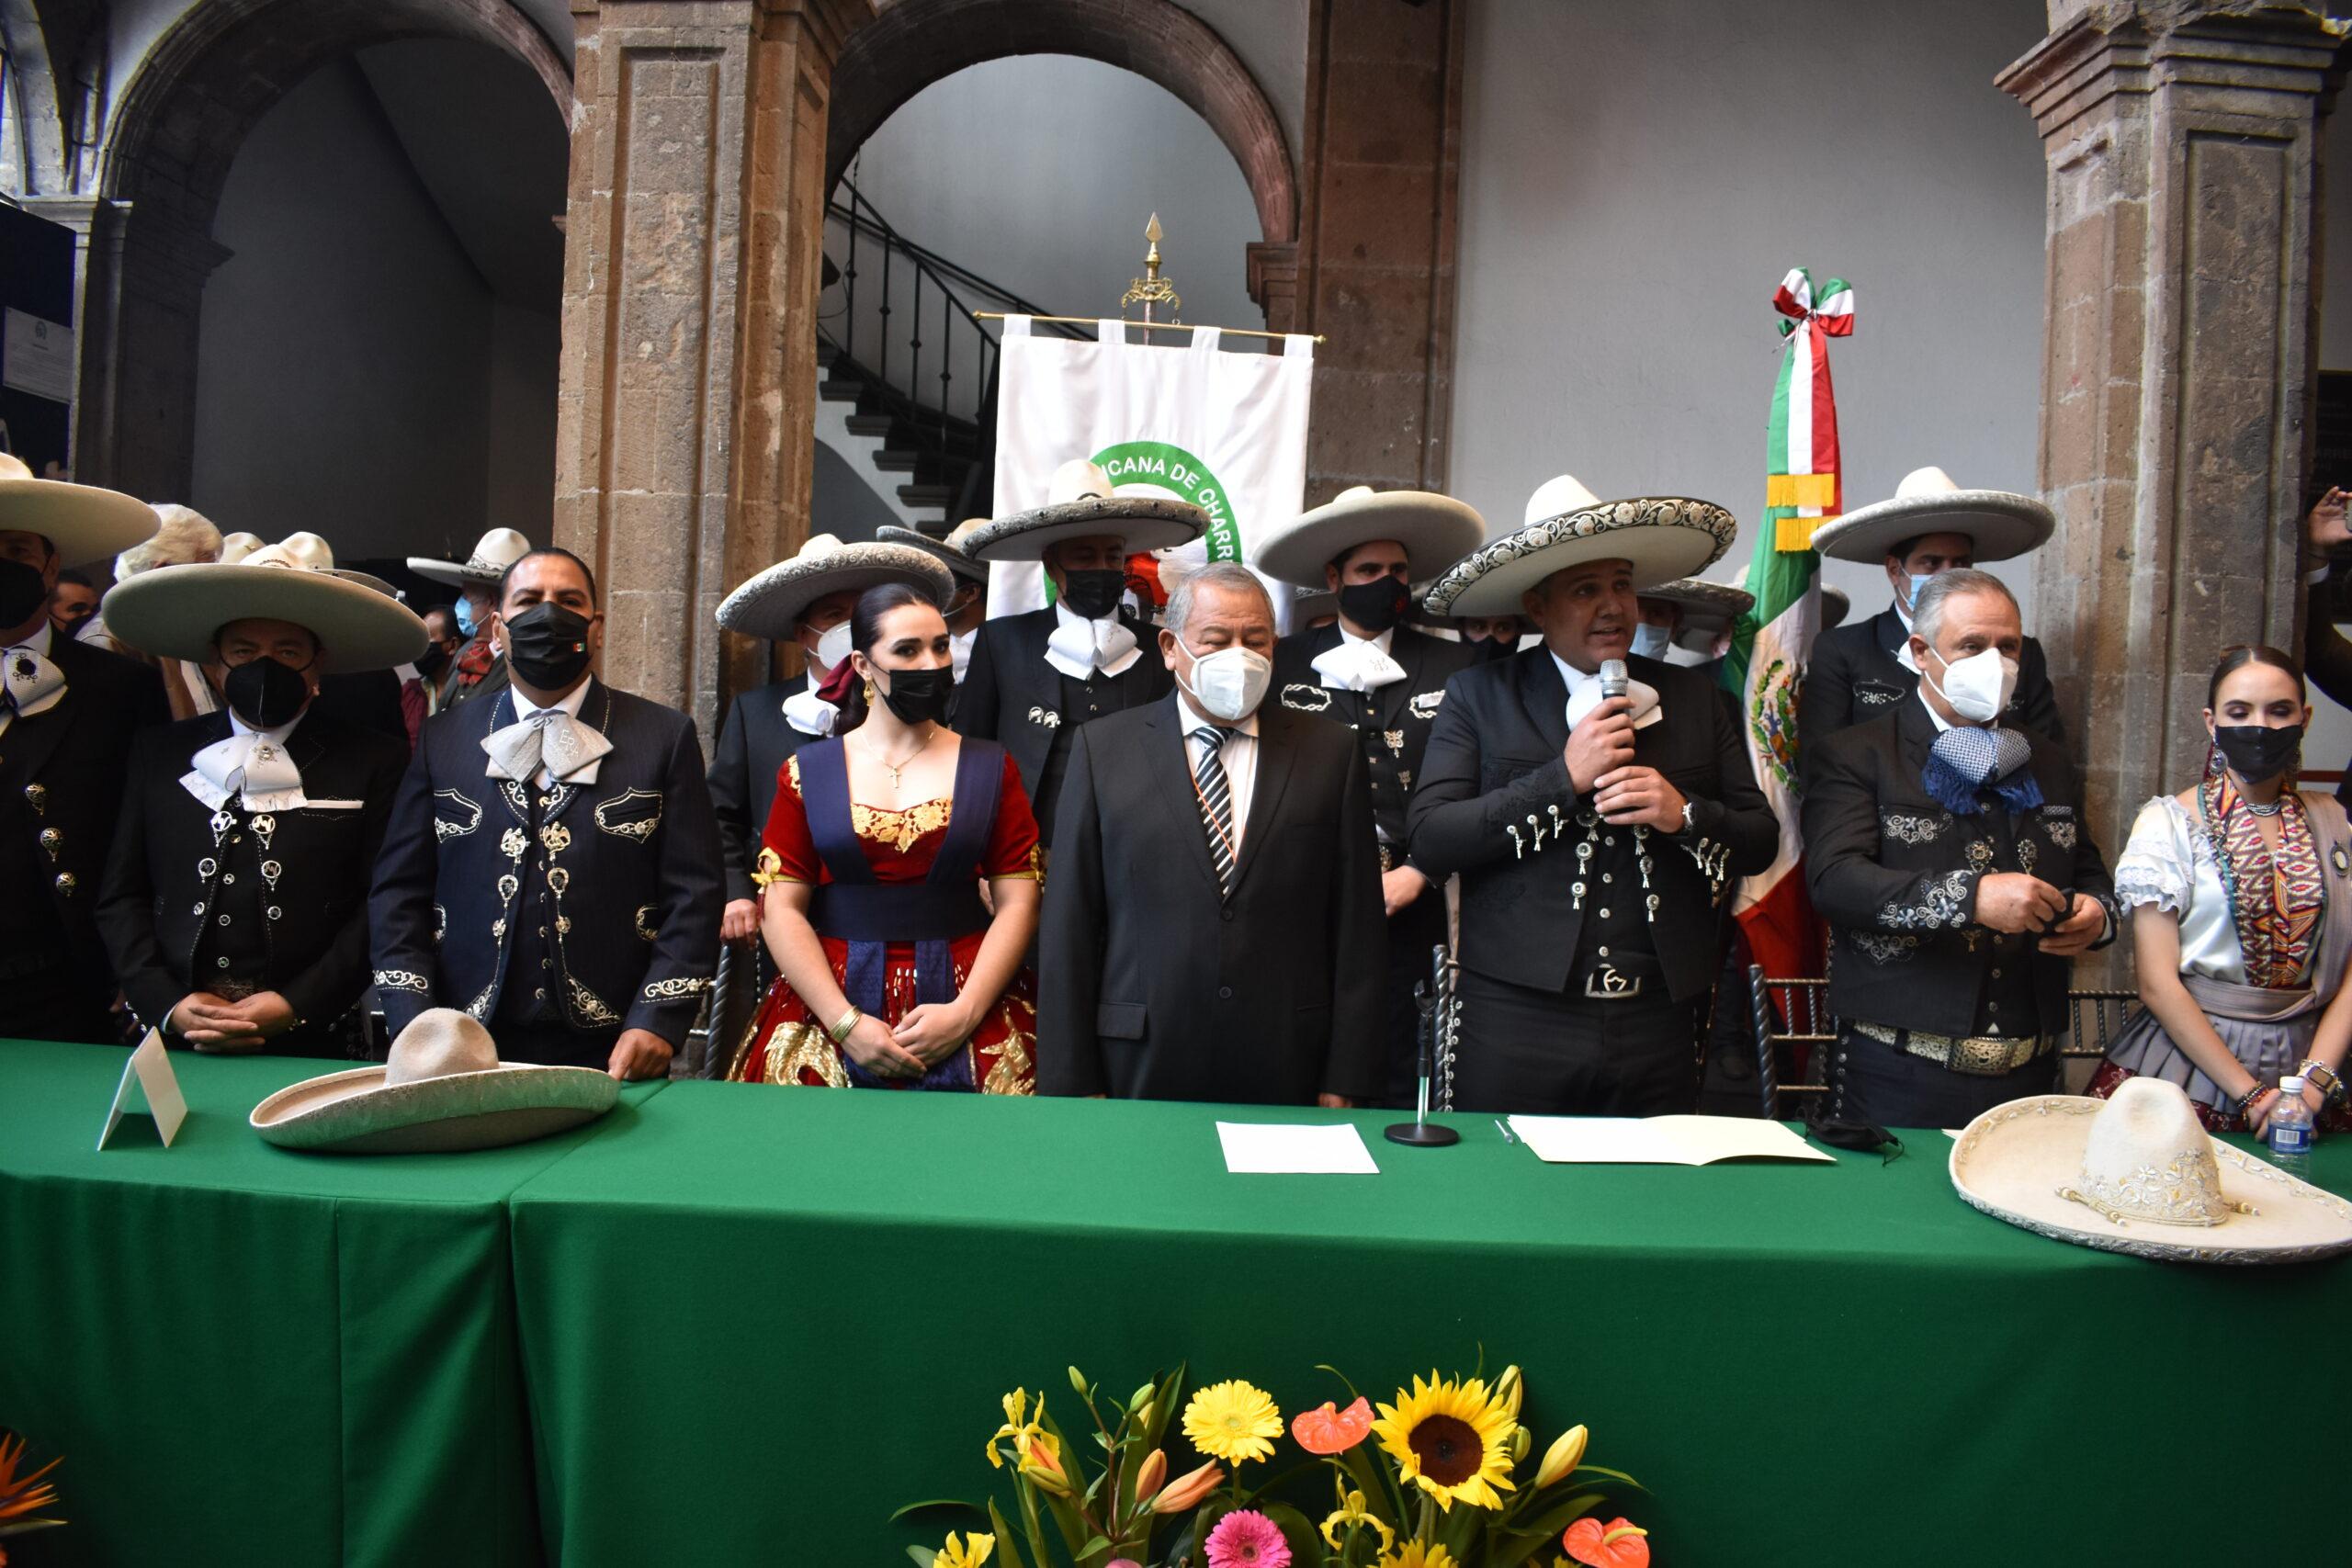 El presidente de la Federación, ingeniero José Antonio Salcedo López, dirigió un emotivo mensaje a los presentes tras la toma de protesta de su Consejo Directivo Nacional